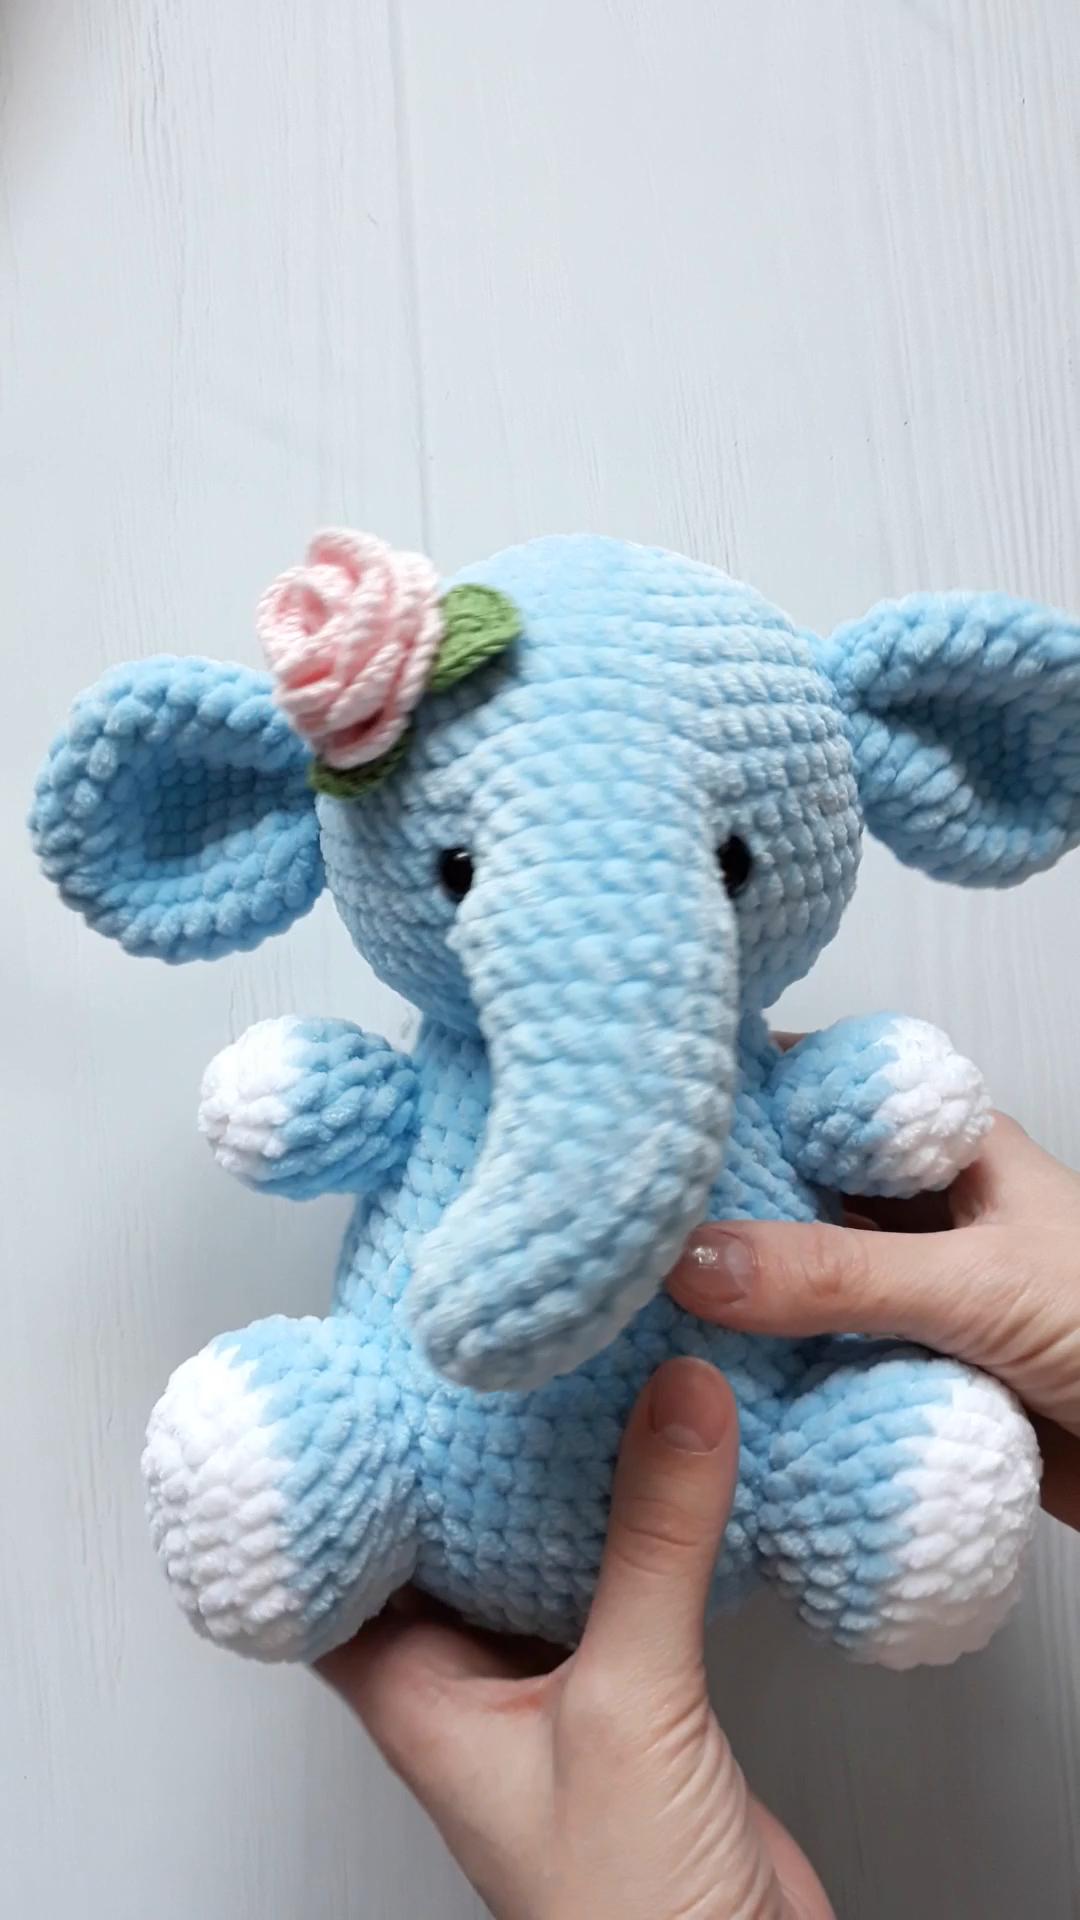 PATTERN Elephant / Crochet pattern Elephant / Amigurumi pattern / Crochet pattern toy